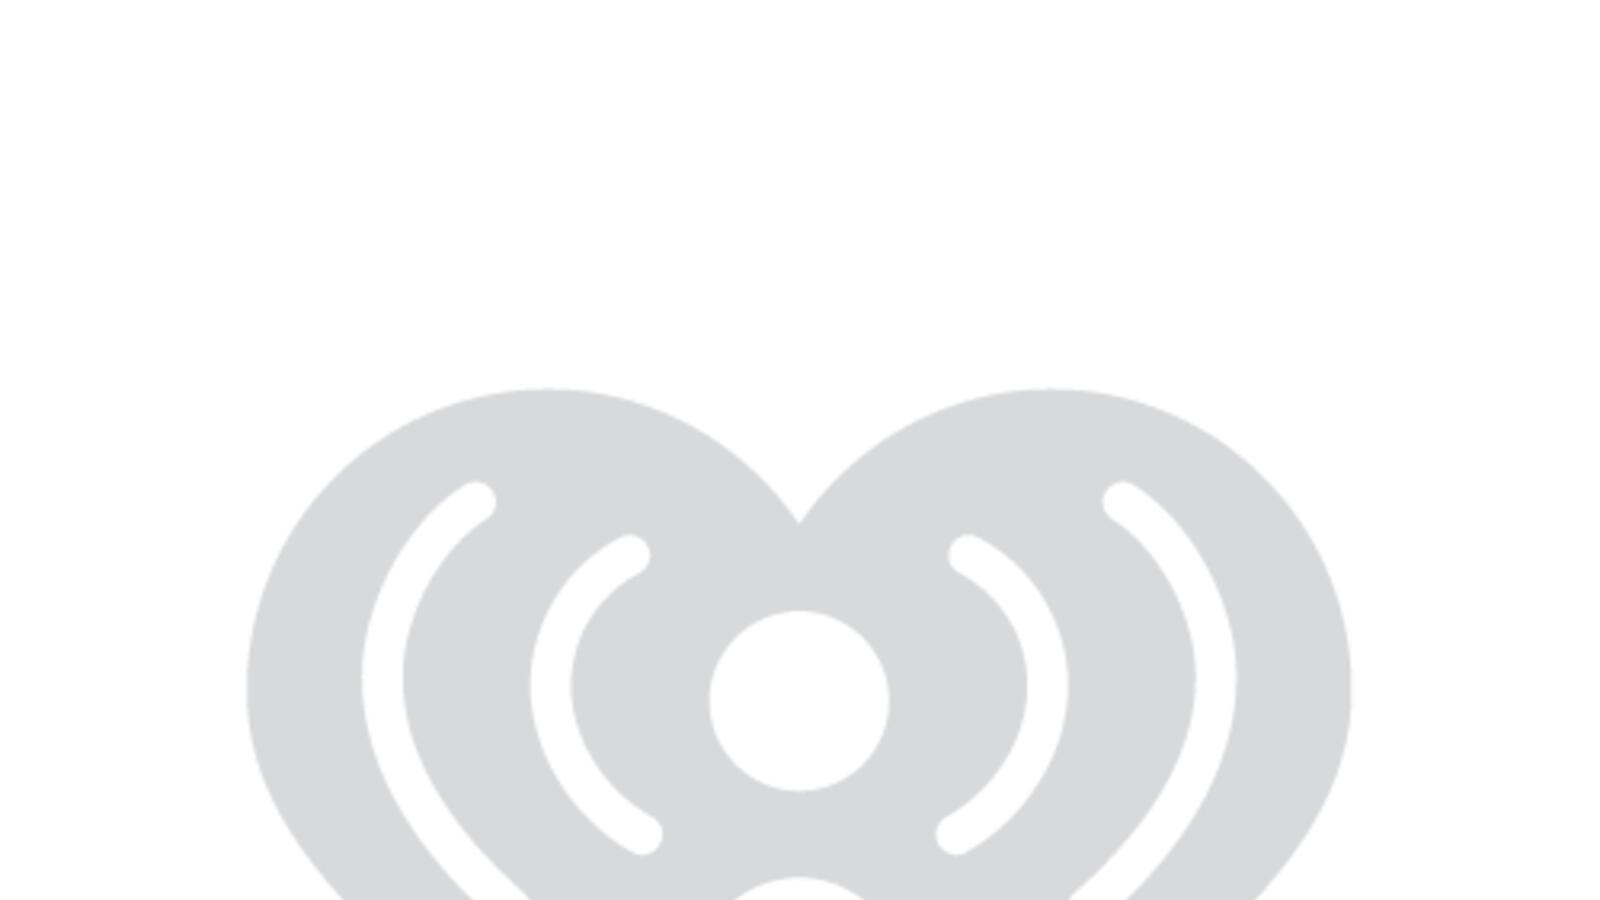 David Farias drops second single from 'El Maestro De La Acordeón' album